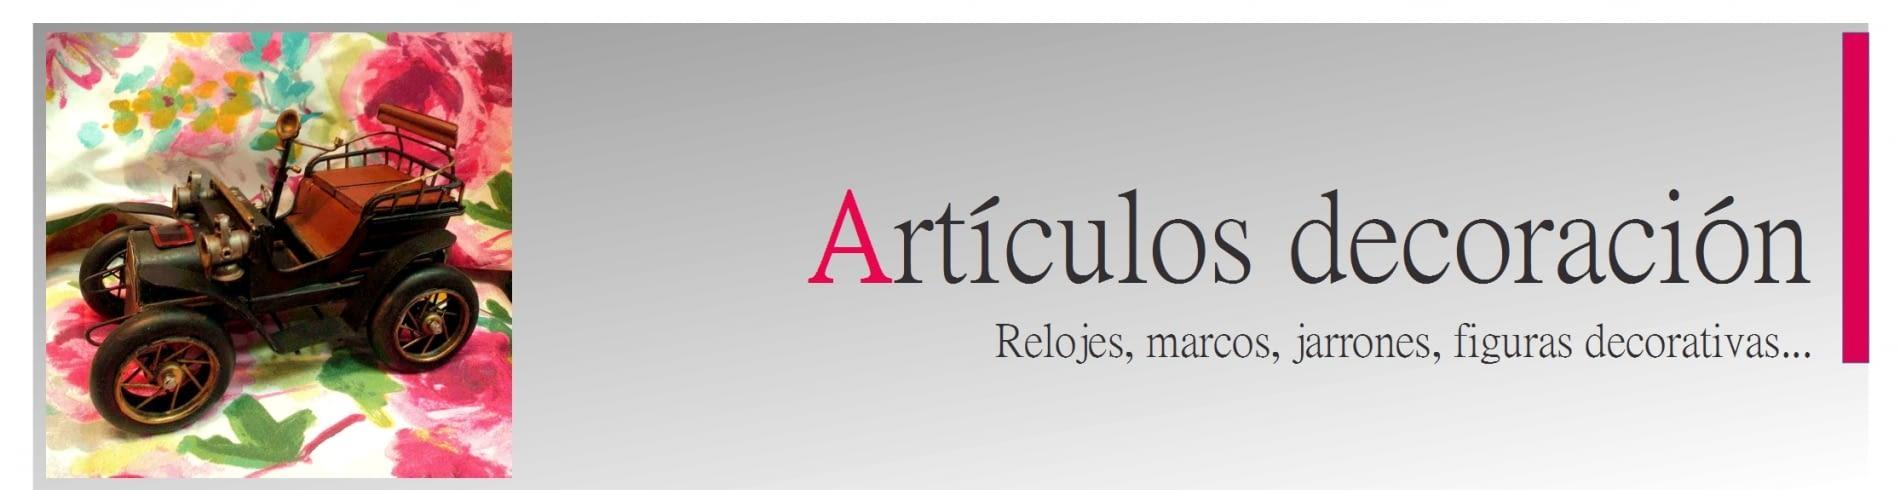 ARTÍCULOS DECORACIÓN